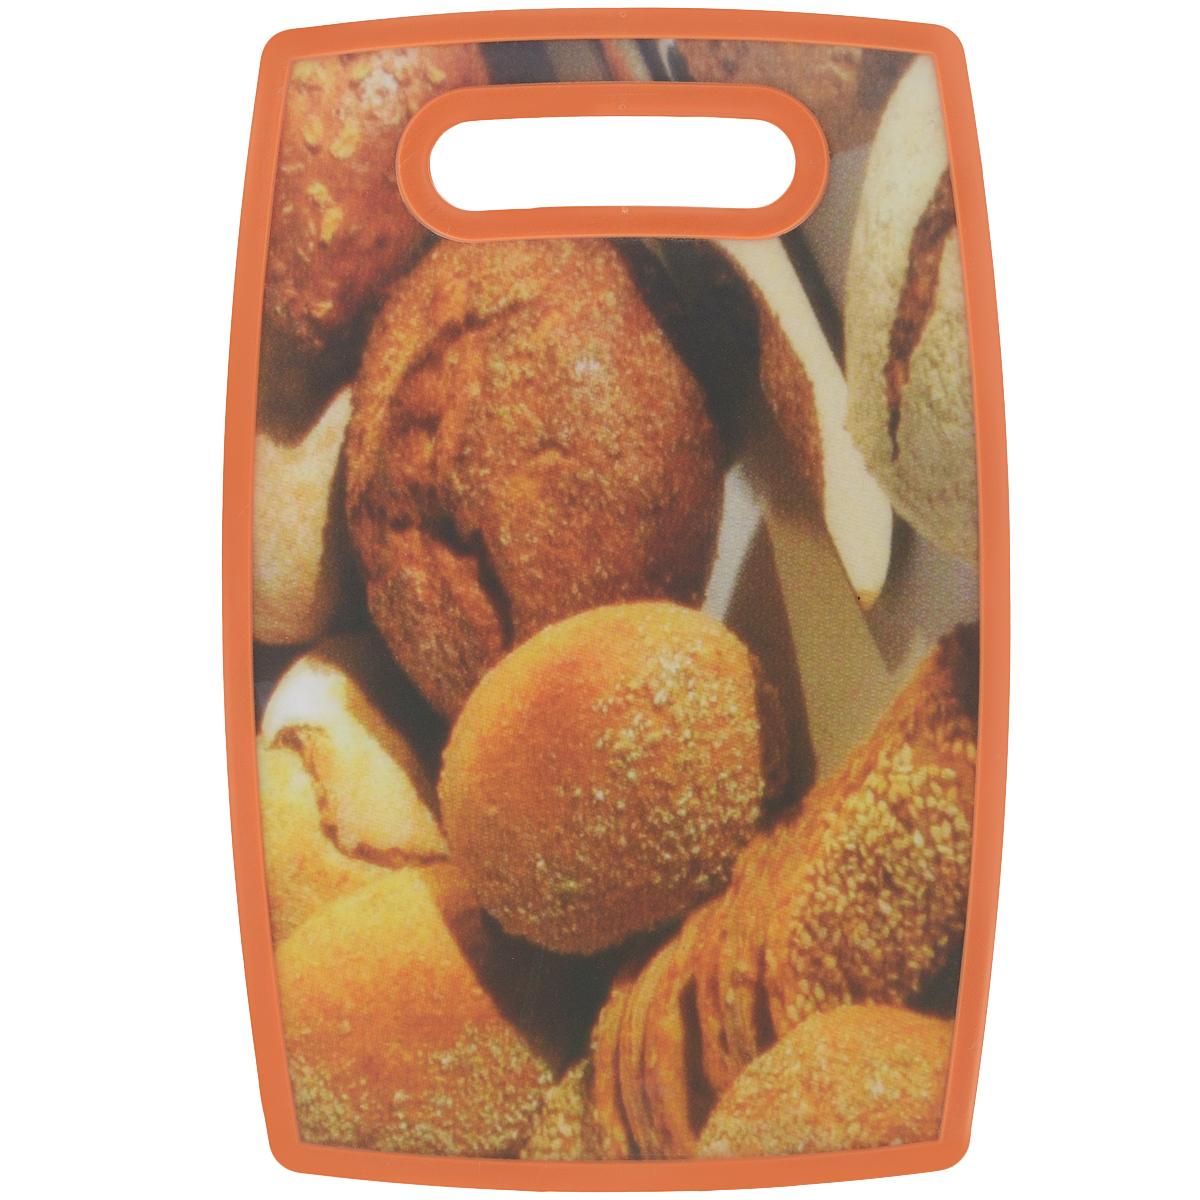 Доска разделочная LaraCook Хлеб, 16 см х 25 смLC-1113Доска разделочная LaraCook Хлеб, изготовленная из устойчивого к истиранию пластика, займет достойное место среди аксессуаров на вашей кухне. С одной стороны доска имеет однотонное пластиковое покрытие, а с другой декорирована изображением хлеба. Доска имеет высокий коэффициент жесткости и прекрасно подойдет для нарезки любых продуктов. Устойчива к деформации и высоким температурам. Можно мыть в посудомоечной машине.